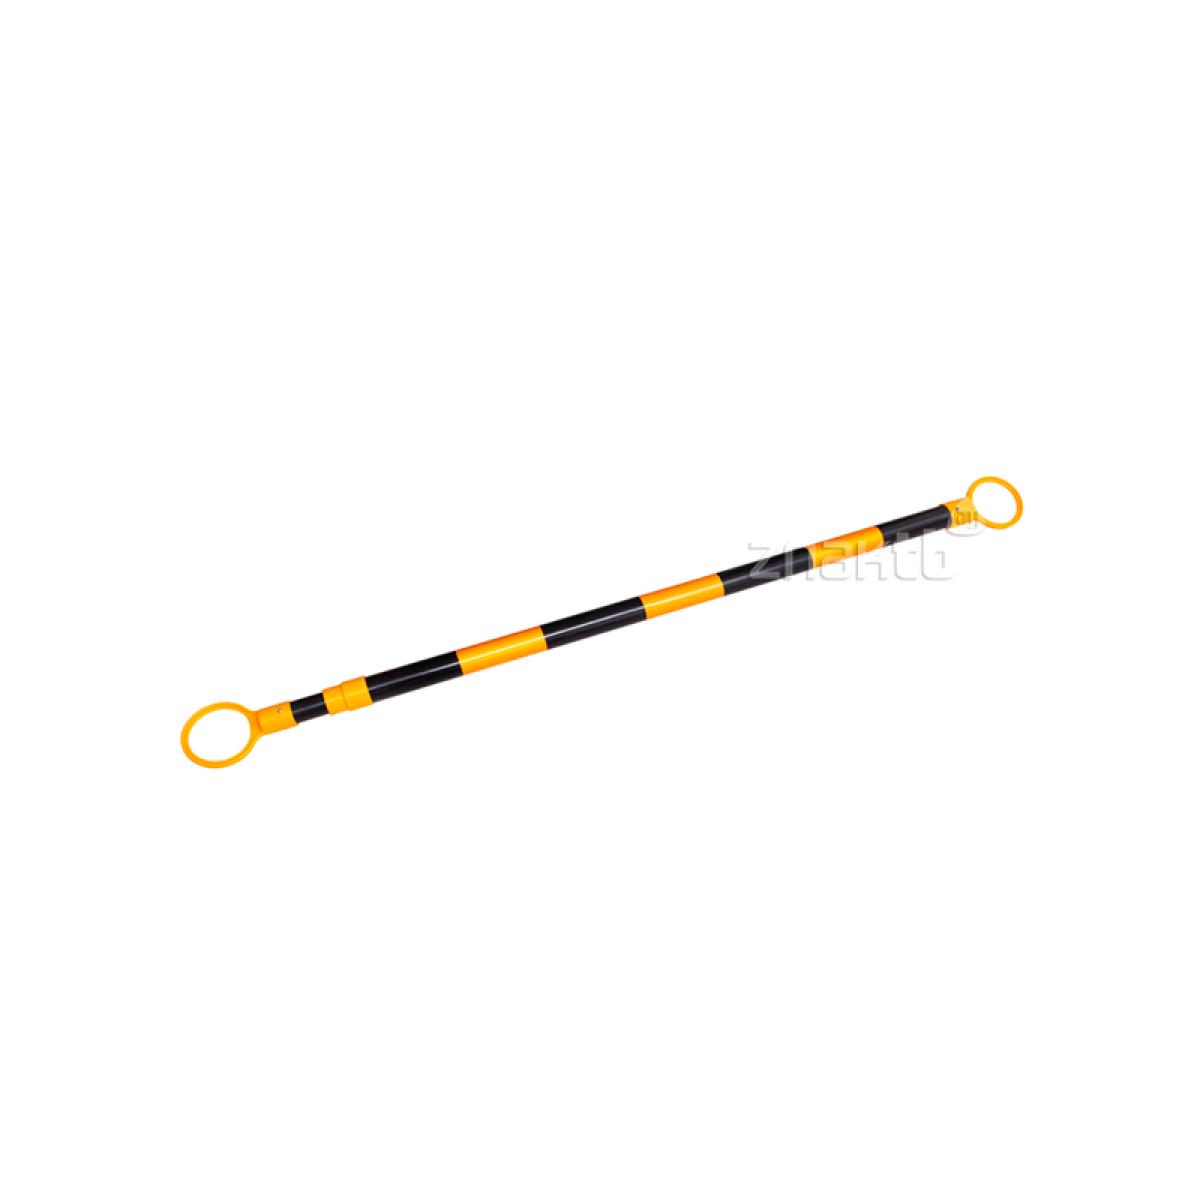 9820 Штанга для конусов чёрно-желтая, перекладина для временного ограждения